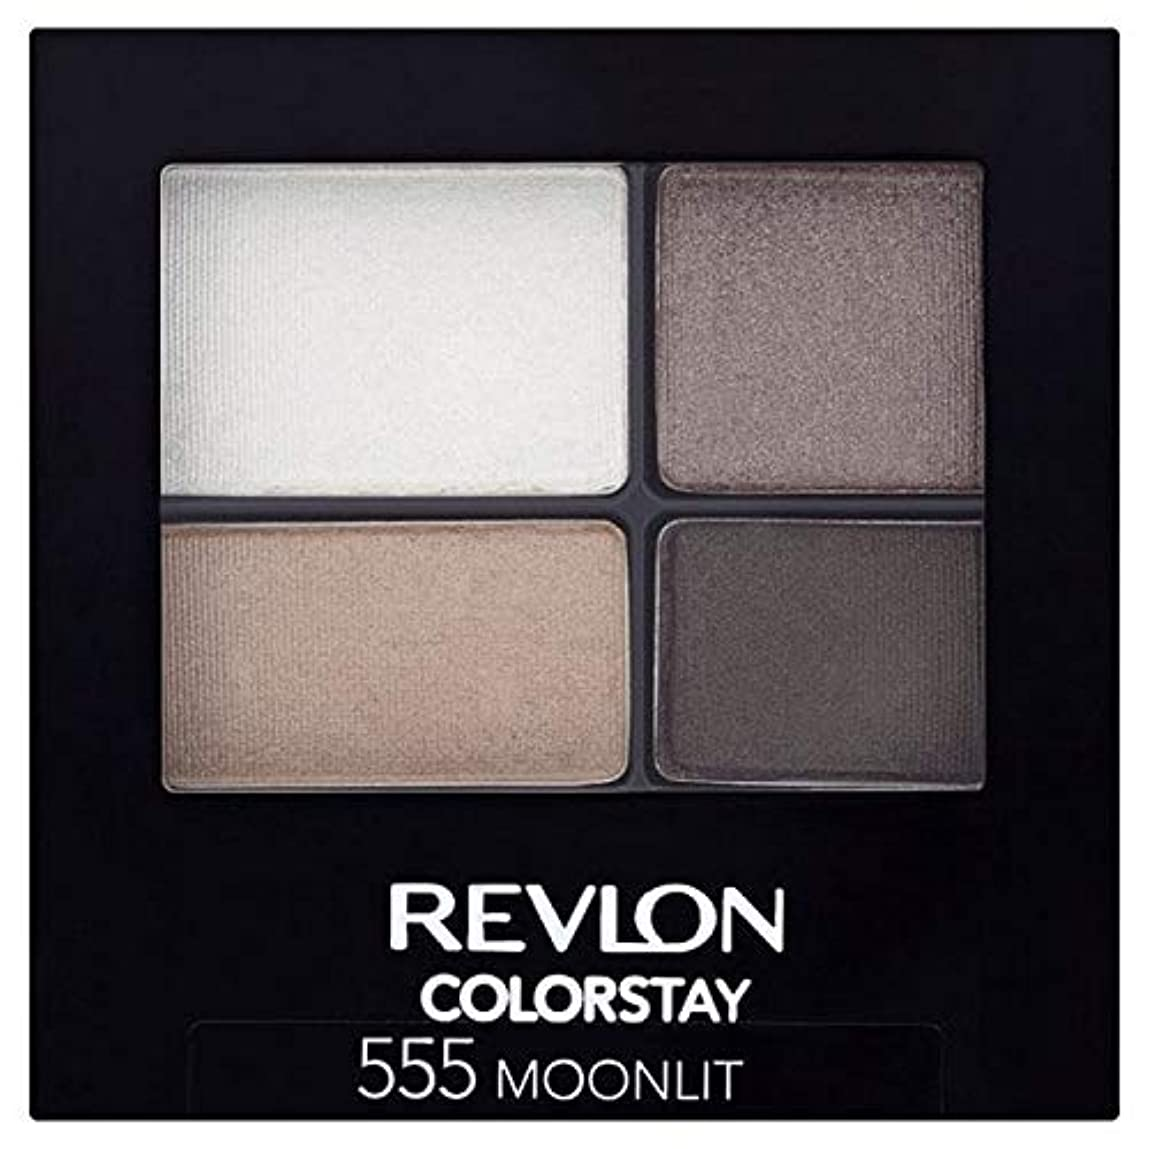 収束テロリスト同一の[Revlon ] レブロンColorstay 16時間のアイシャドウは555月光 - Revlon Colorstay 16 Hour Eye Shadow Moonlight 555 [並行輸入品]